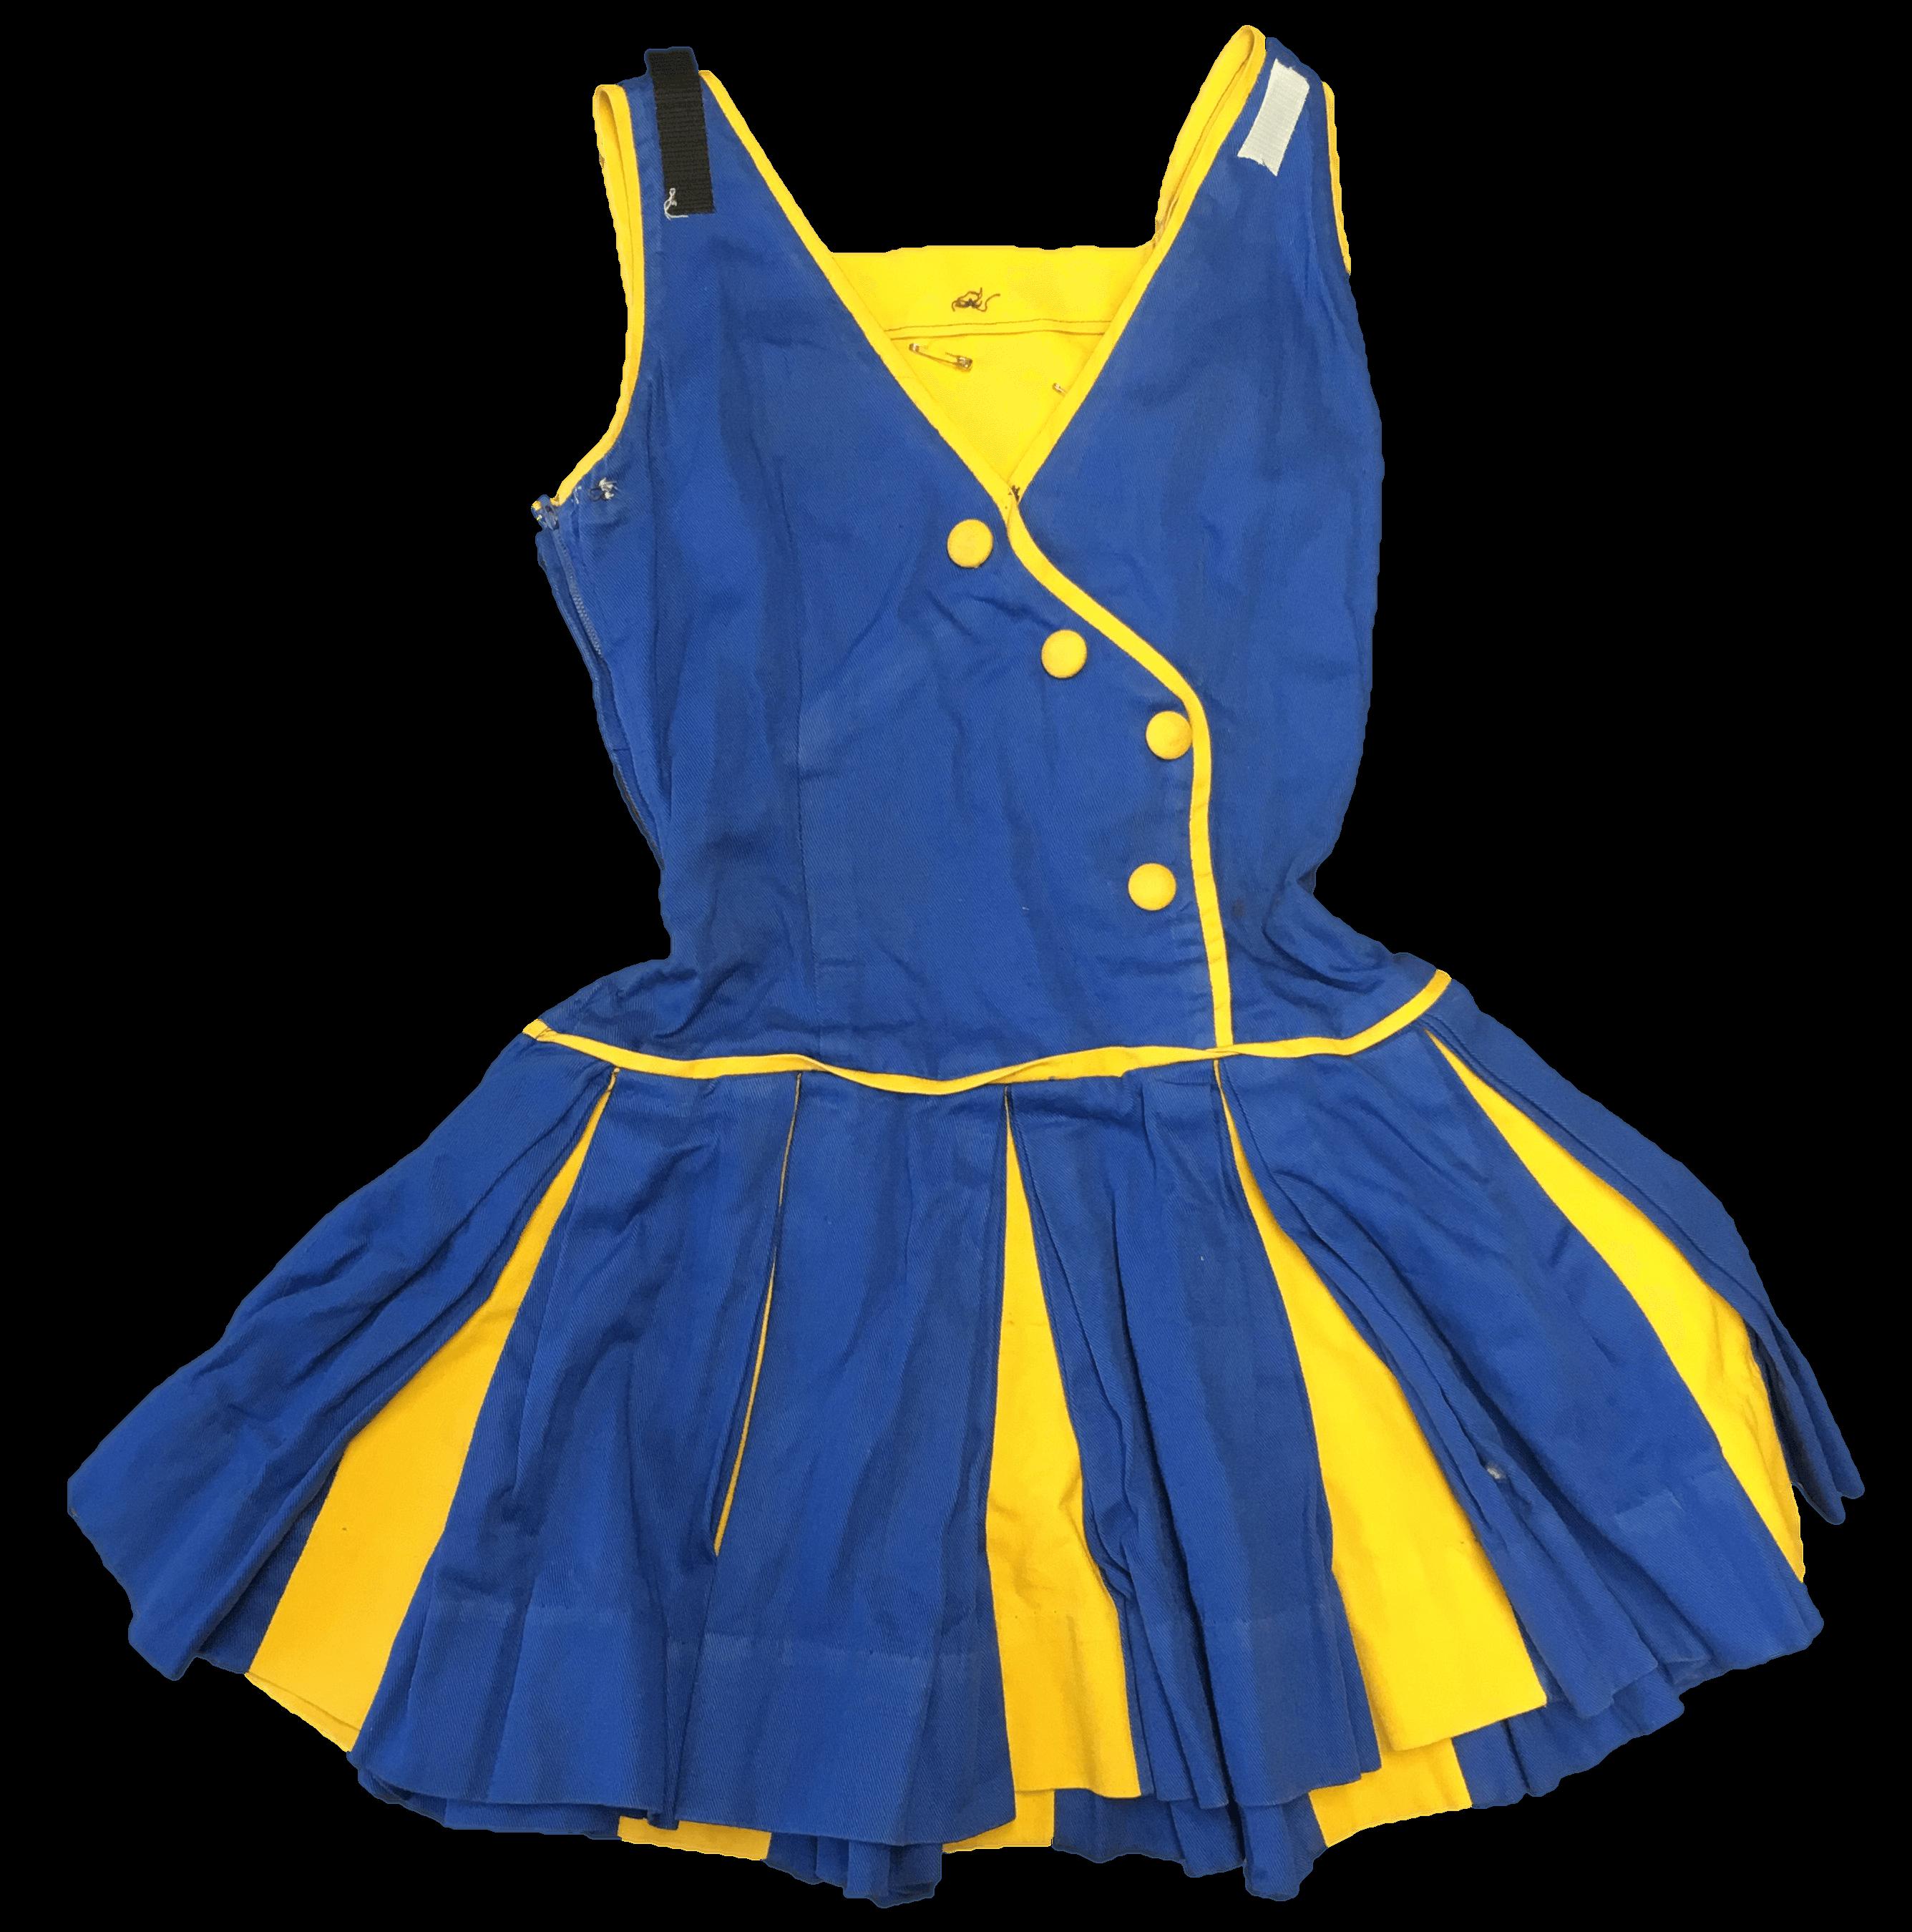 chs-cheer-uniform2.png